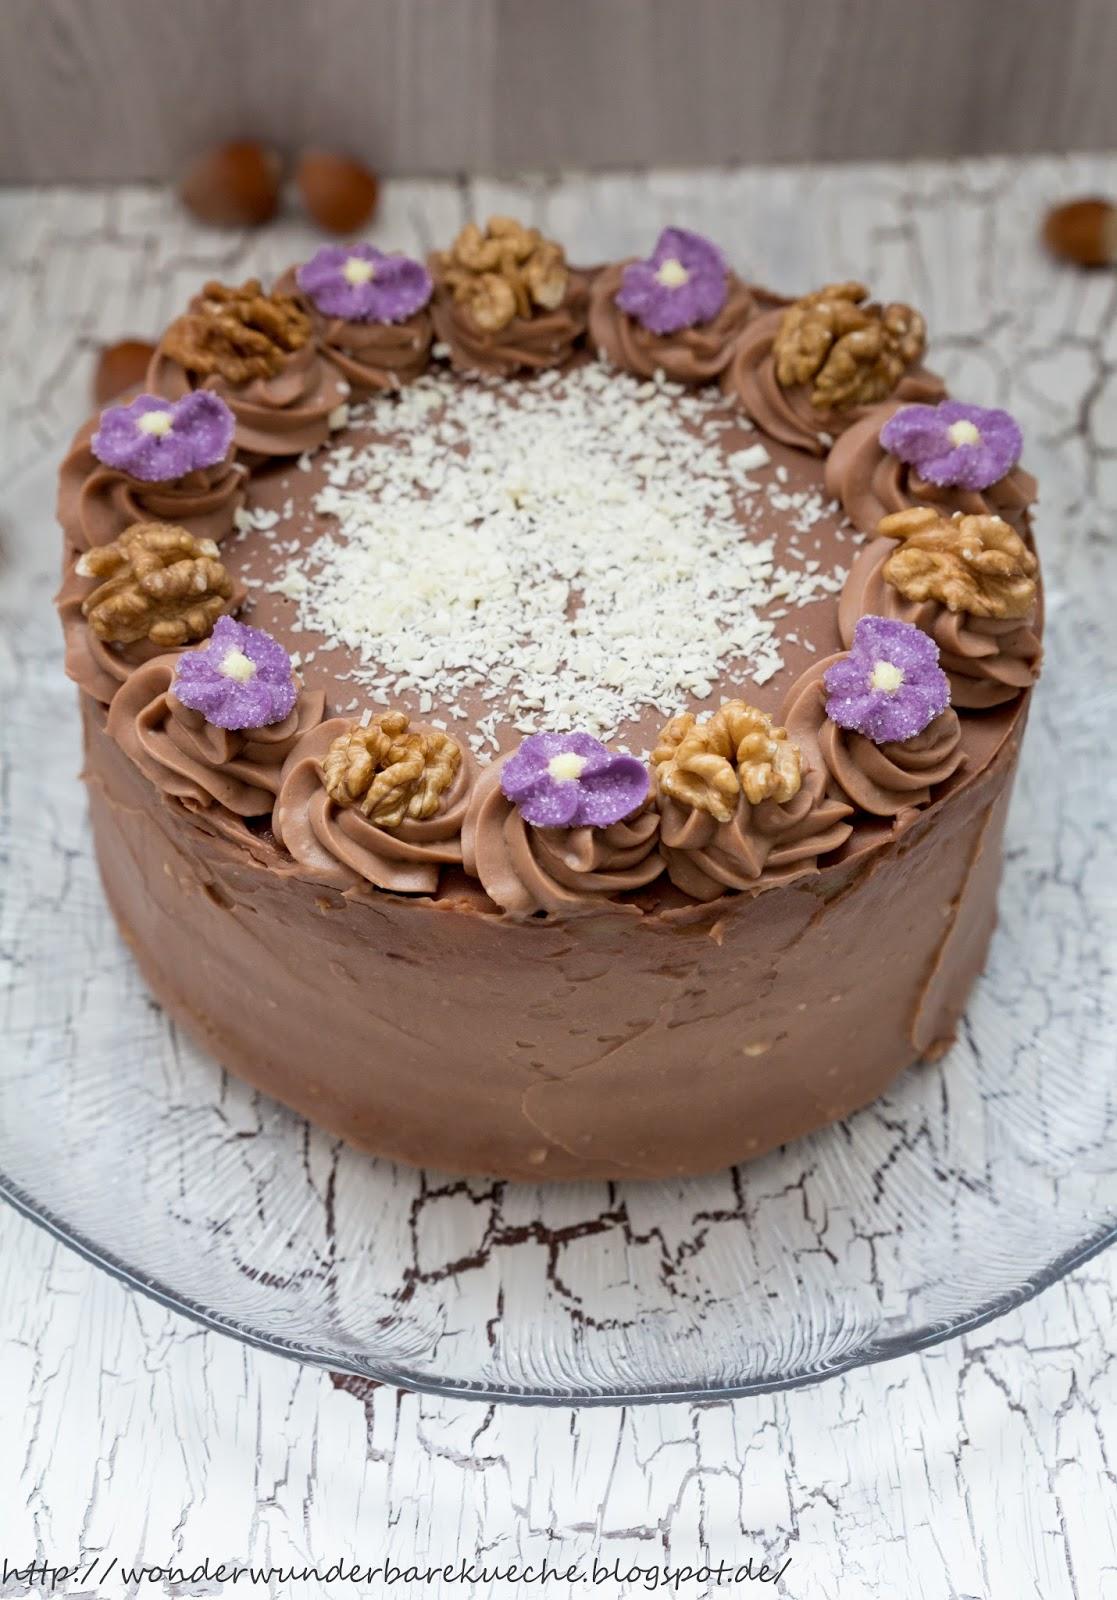 ... Küche: Kleine Kuchen: Nussschichttorte mit Buttercreme und Marzipan